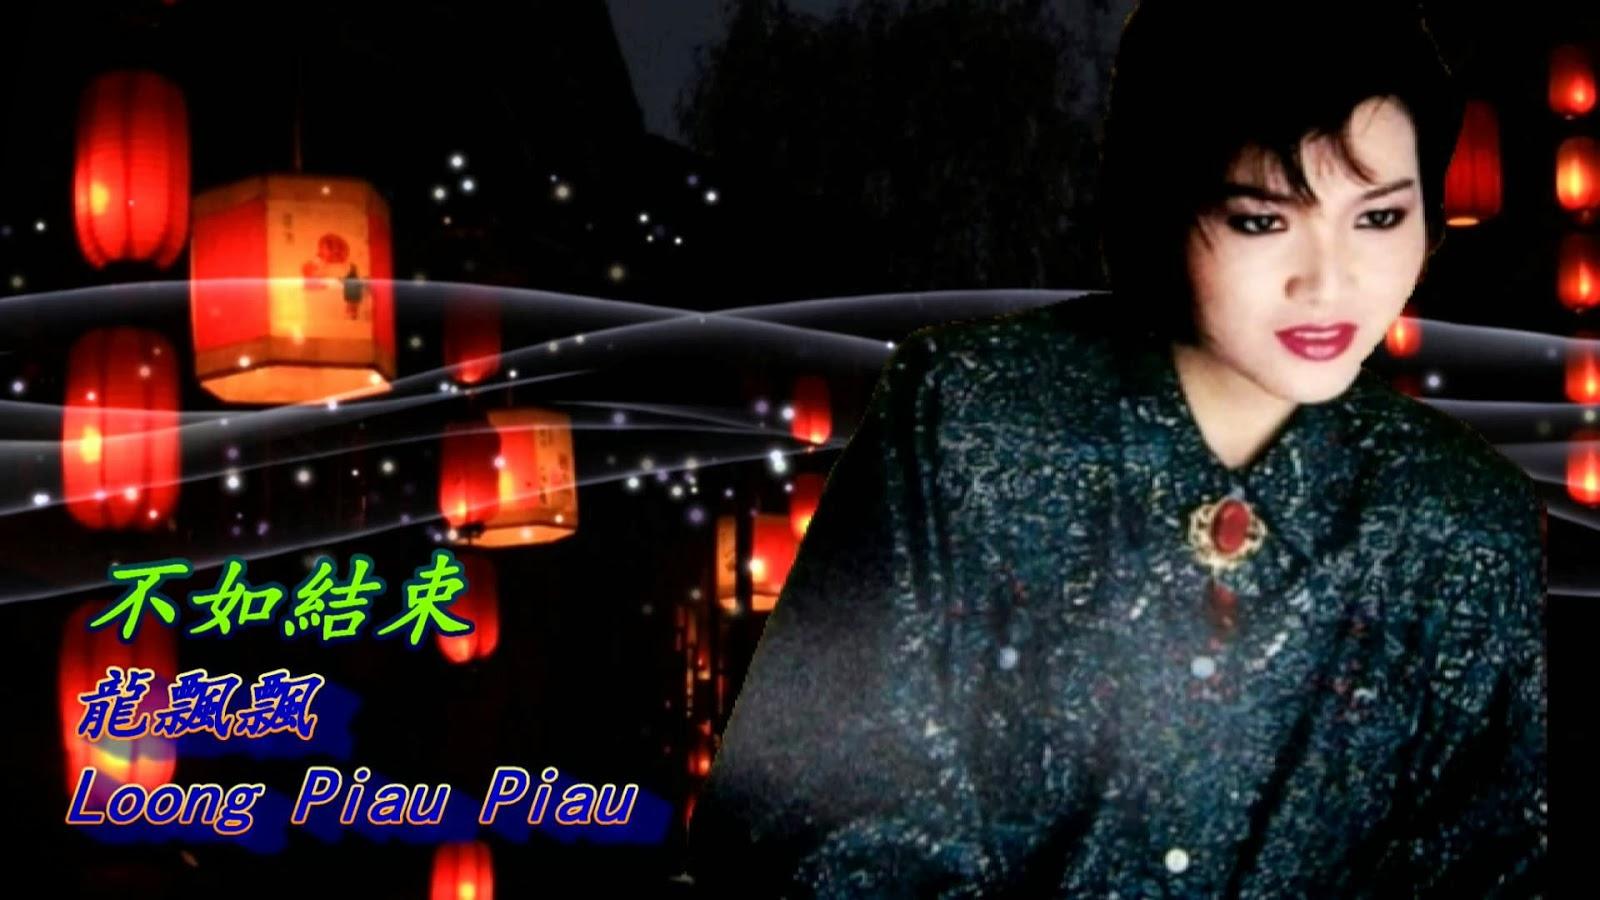 龙飘飘 (lóng piāo piāo) - 不如結束 (bù rú jiés hù) - Might as well let it end